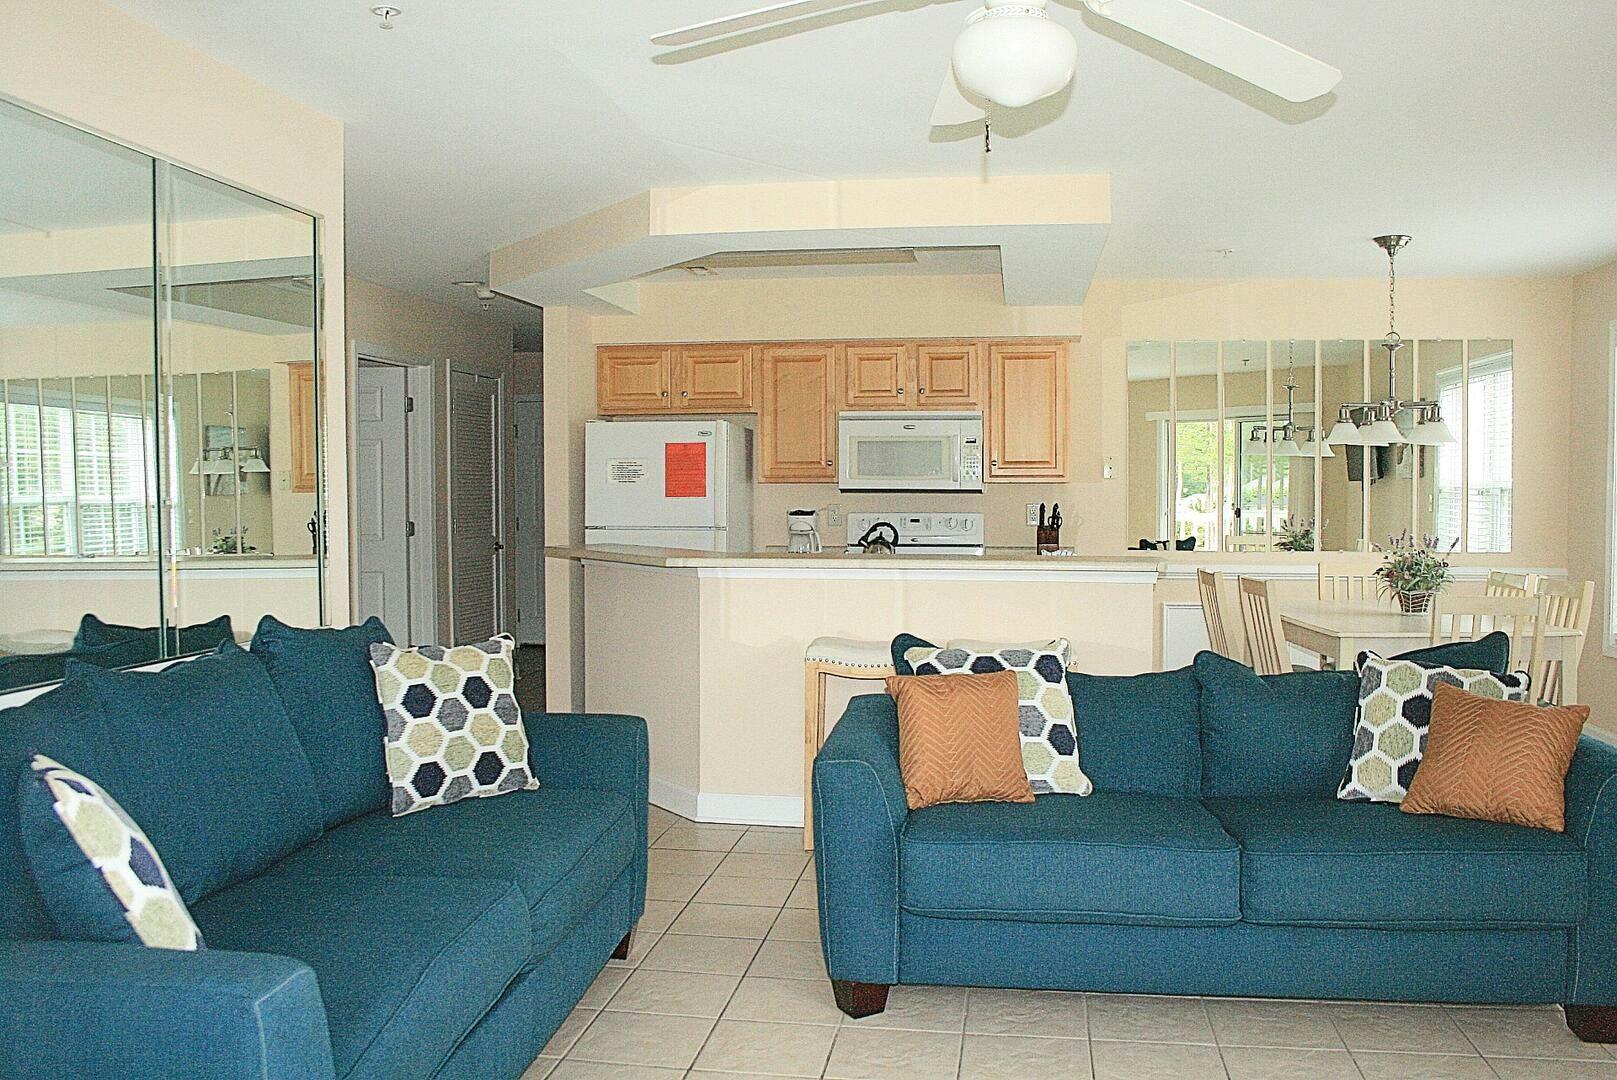 2304 2 Bedroom/2 Bath Villa